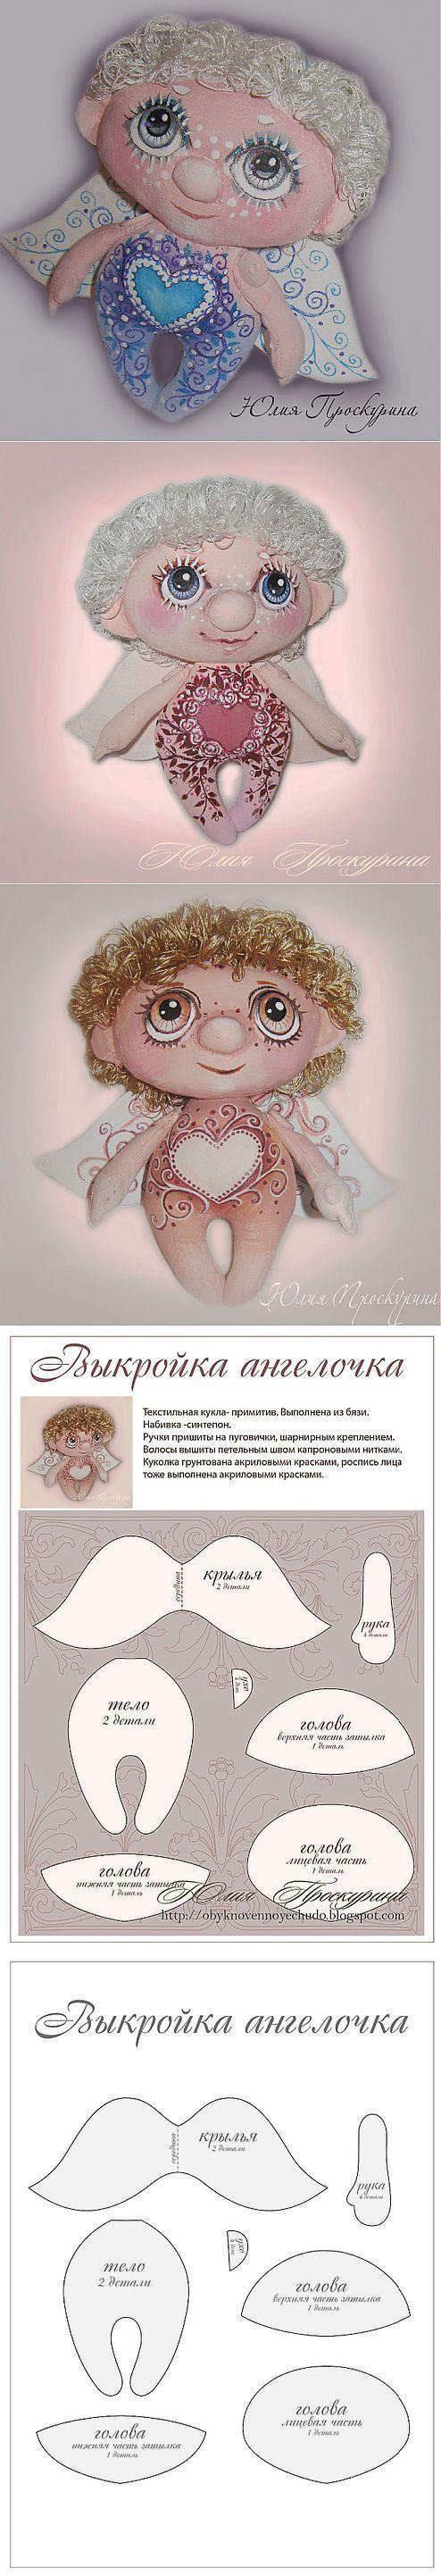 Îngerii înregistrați la Julia Proskurina. | Выкройки текстильных кукол и игрушек | Постила